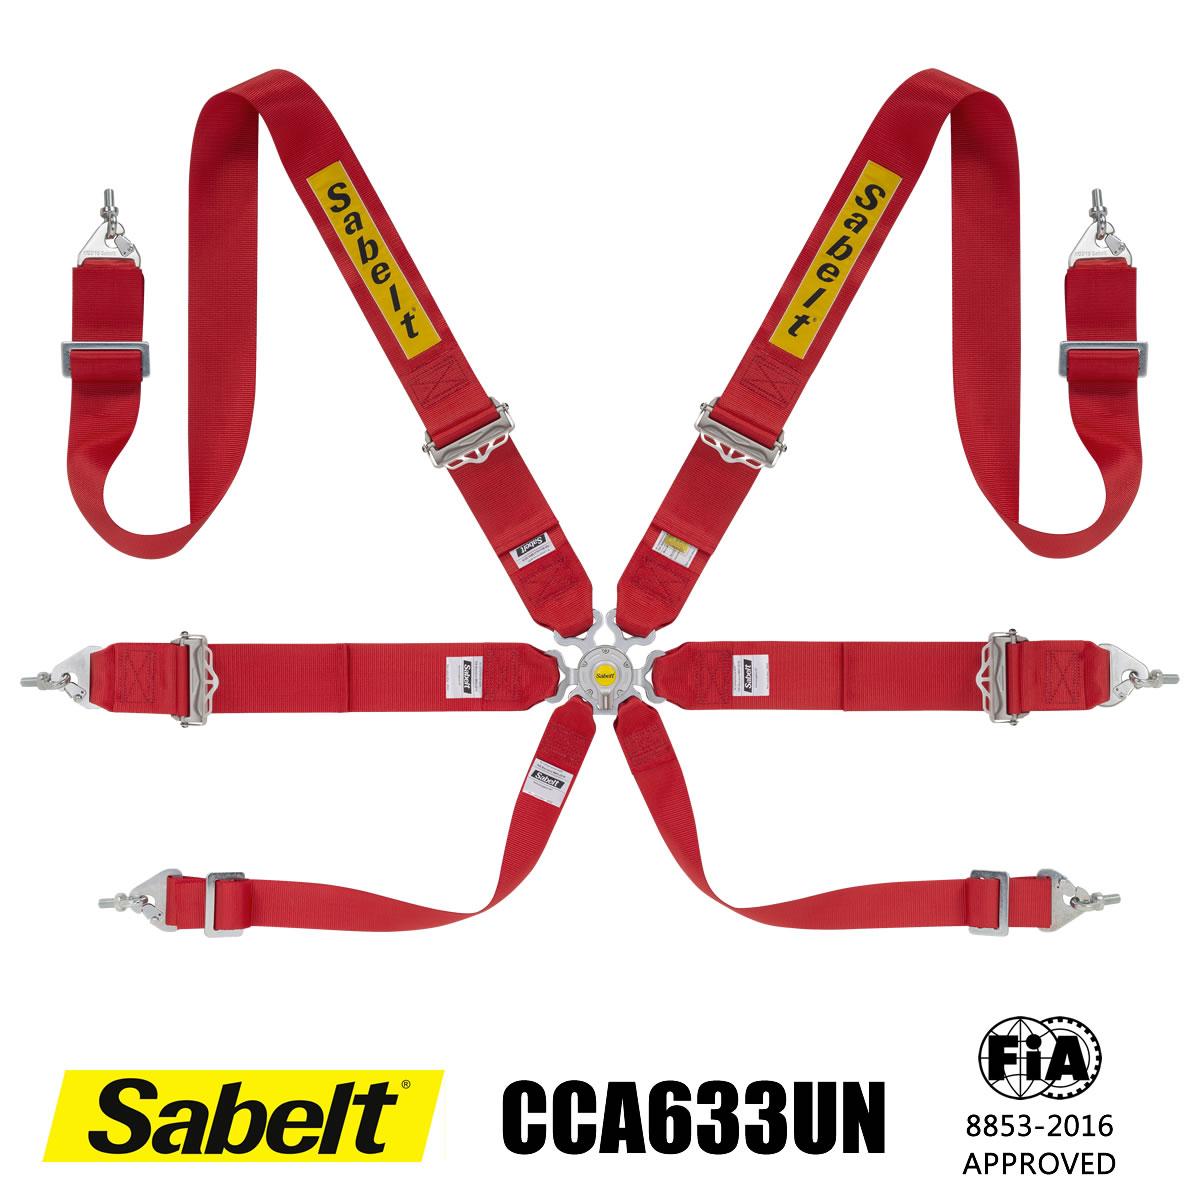 Sabelt サベルト シートベルト CCA633UN 6点式ハーネス ツーリングカー用 FIA8853-2016公認